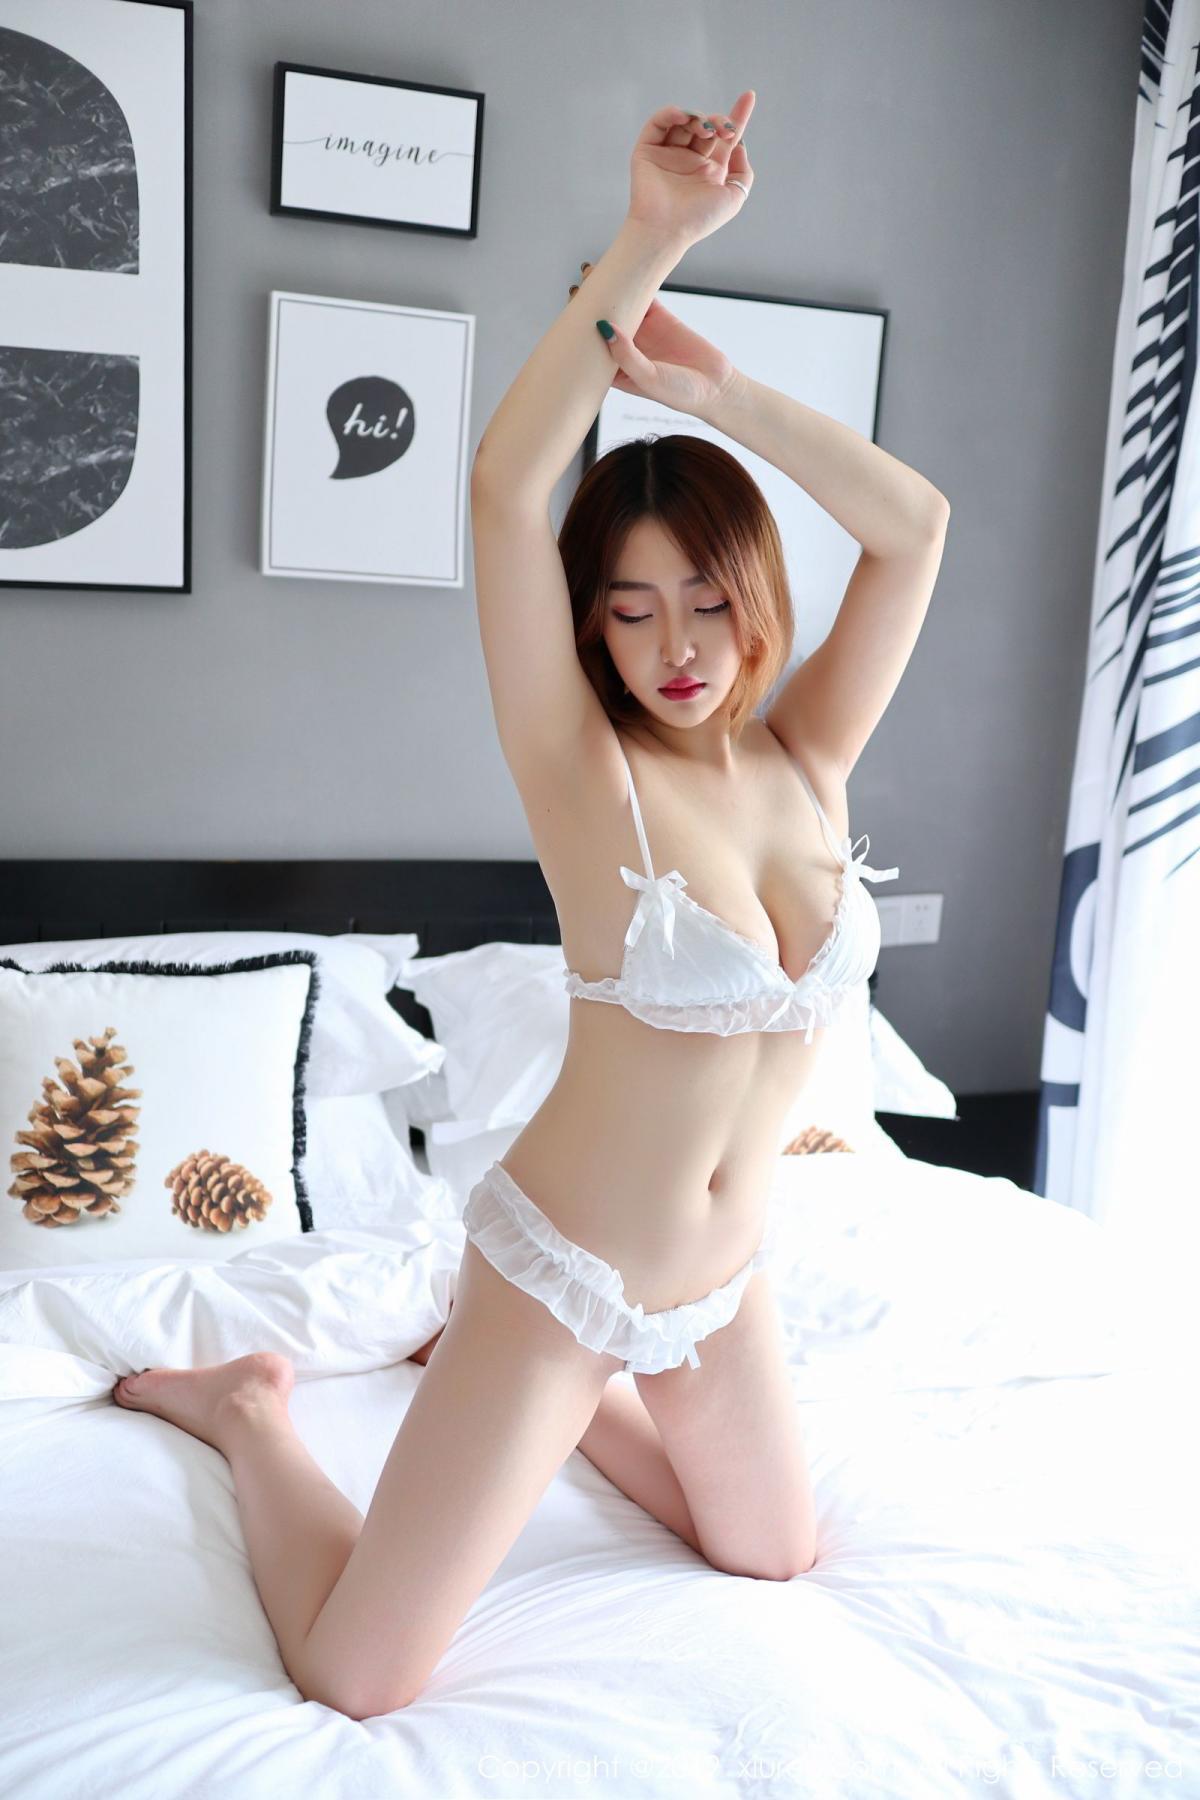 [XiuRen] Vol.1711 Yao A Yao De Yao 5P, Fair Skin, Underwear, Xiuren, Yao A Yao De Yao